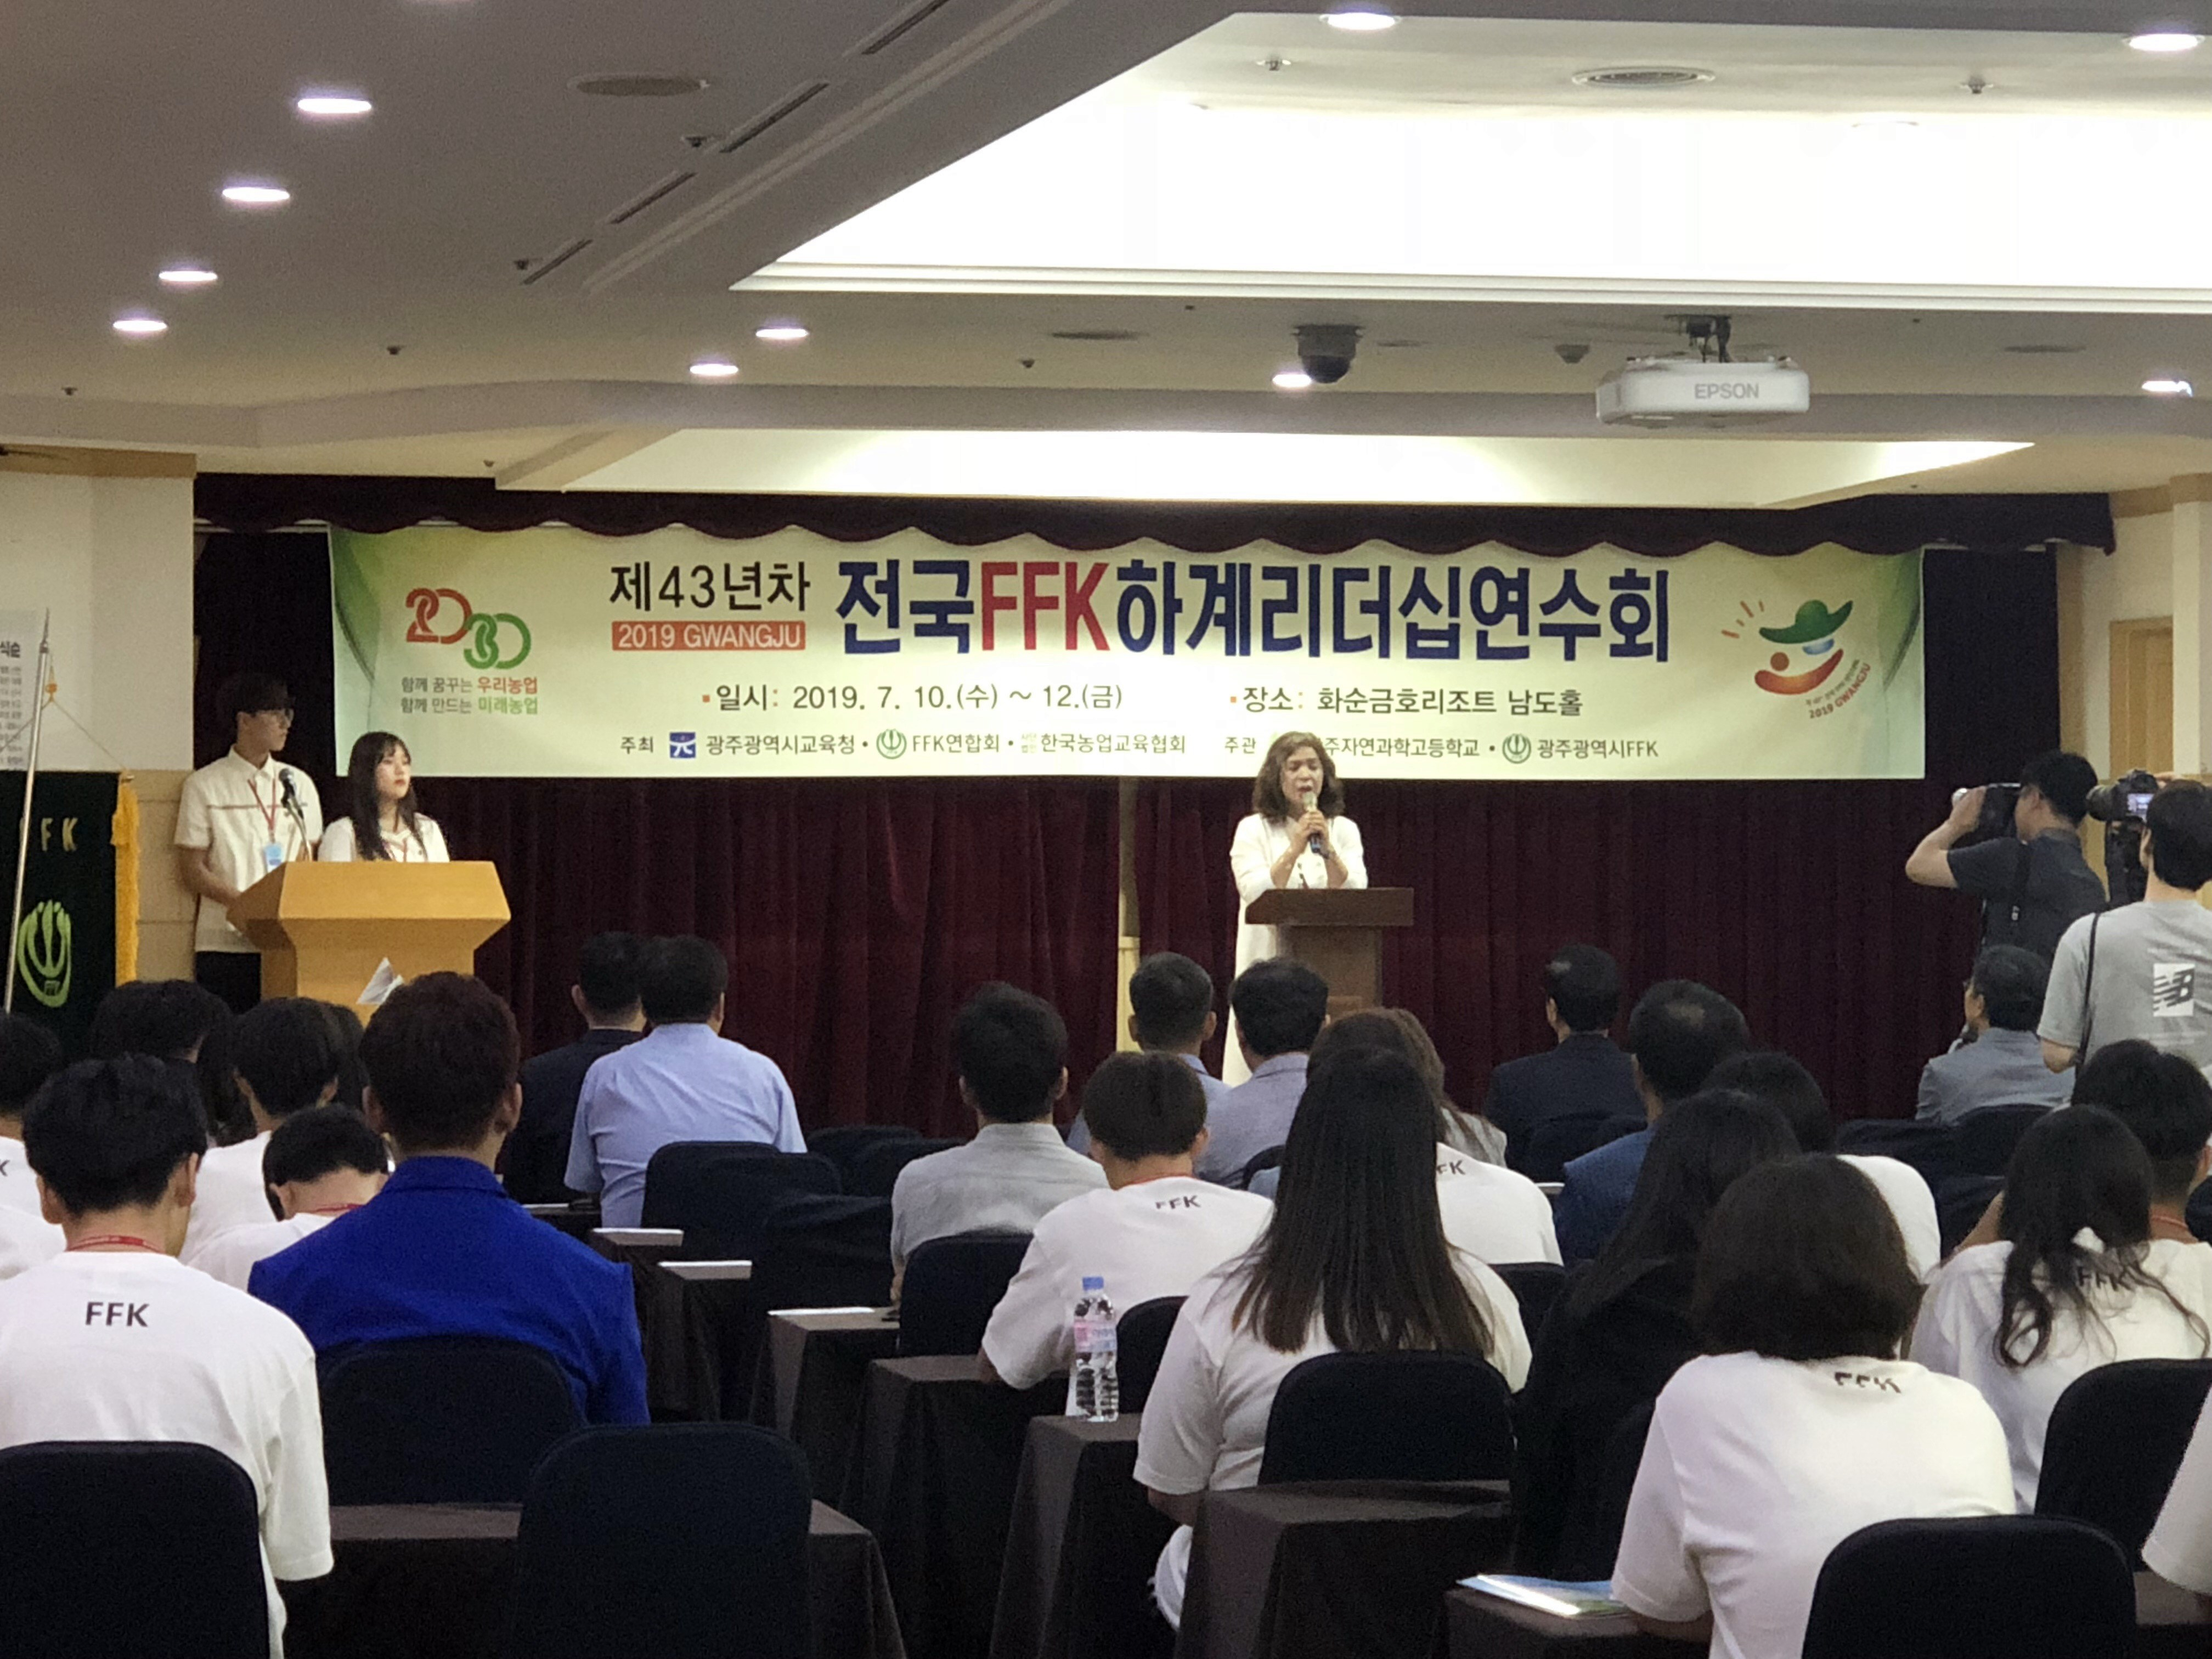 [광주]광주자연과학고, 농업교육 토론 진행